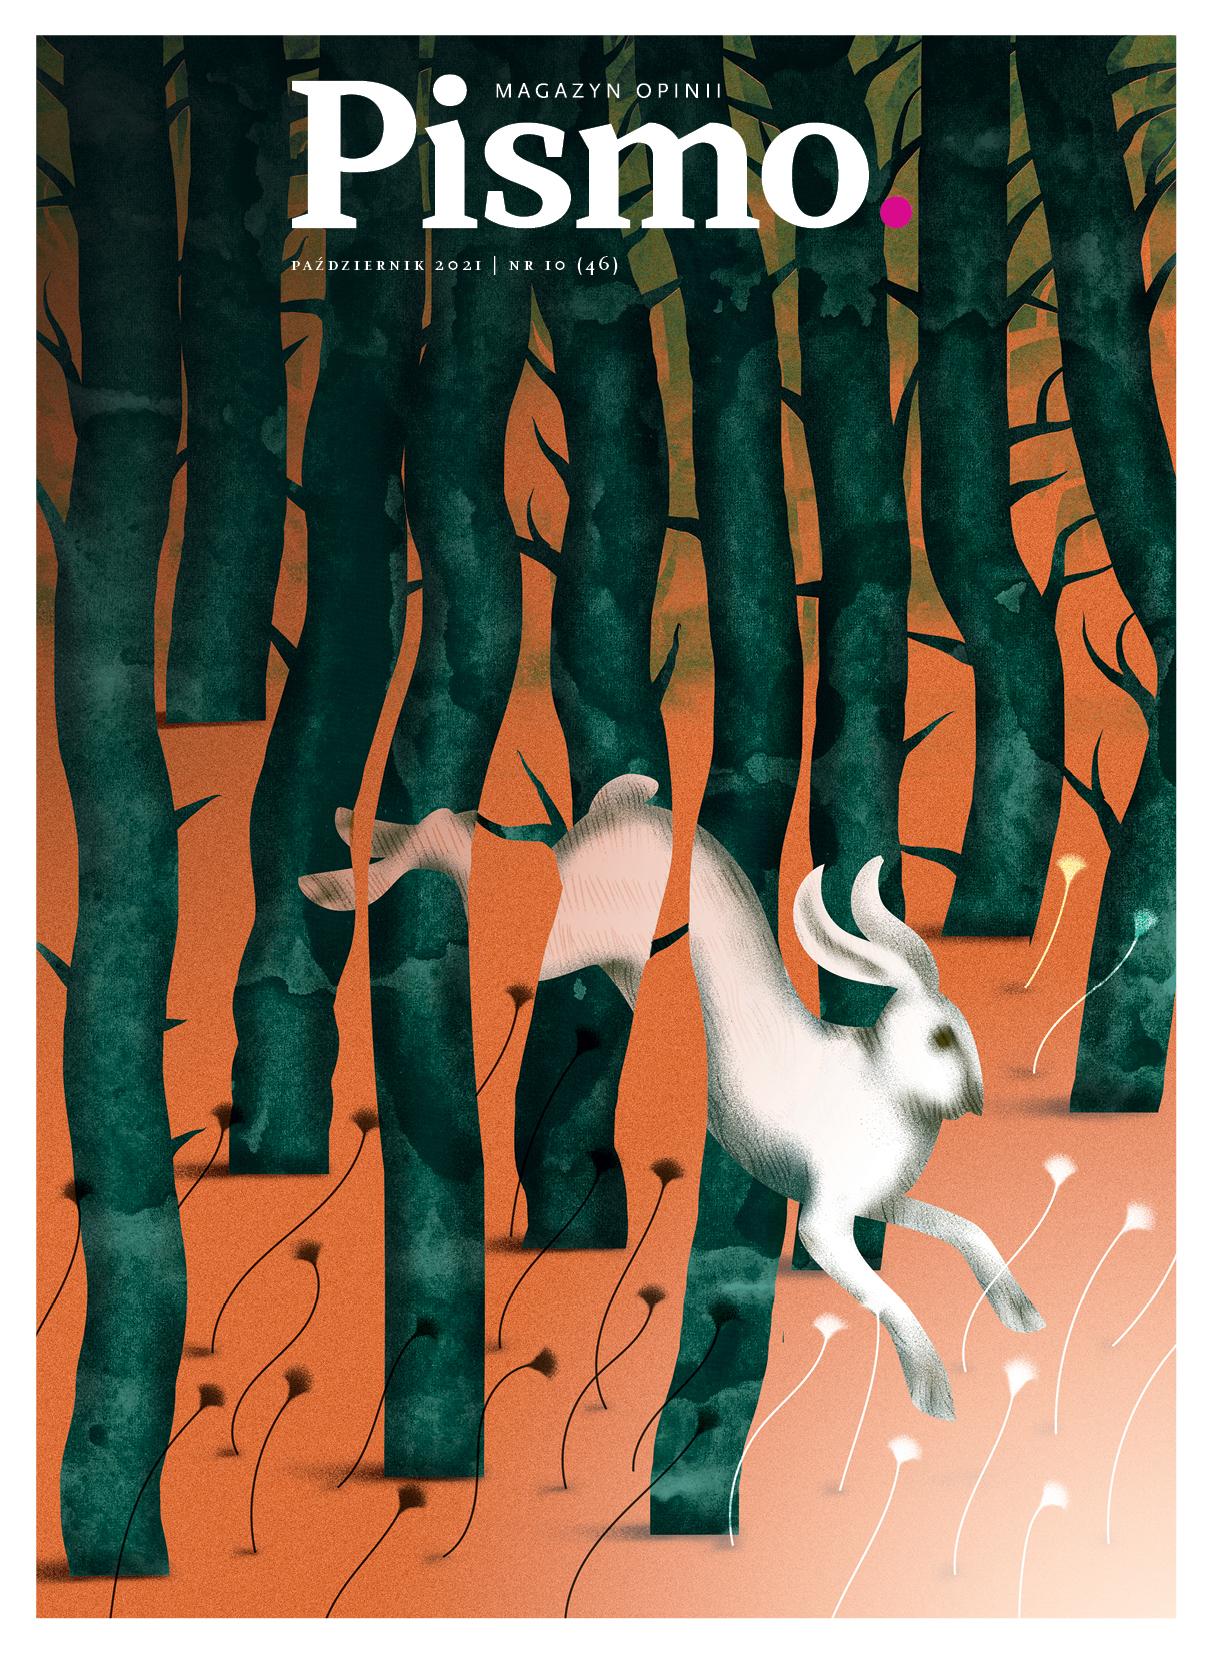 Okładka październikowego numeru Pisma z zającem, który biegnie przez las.